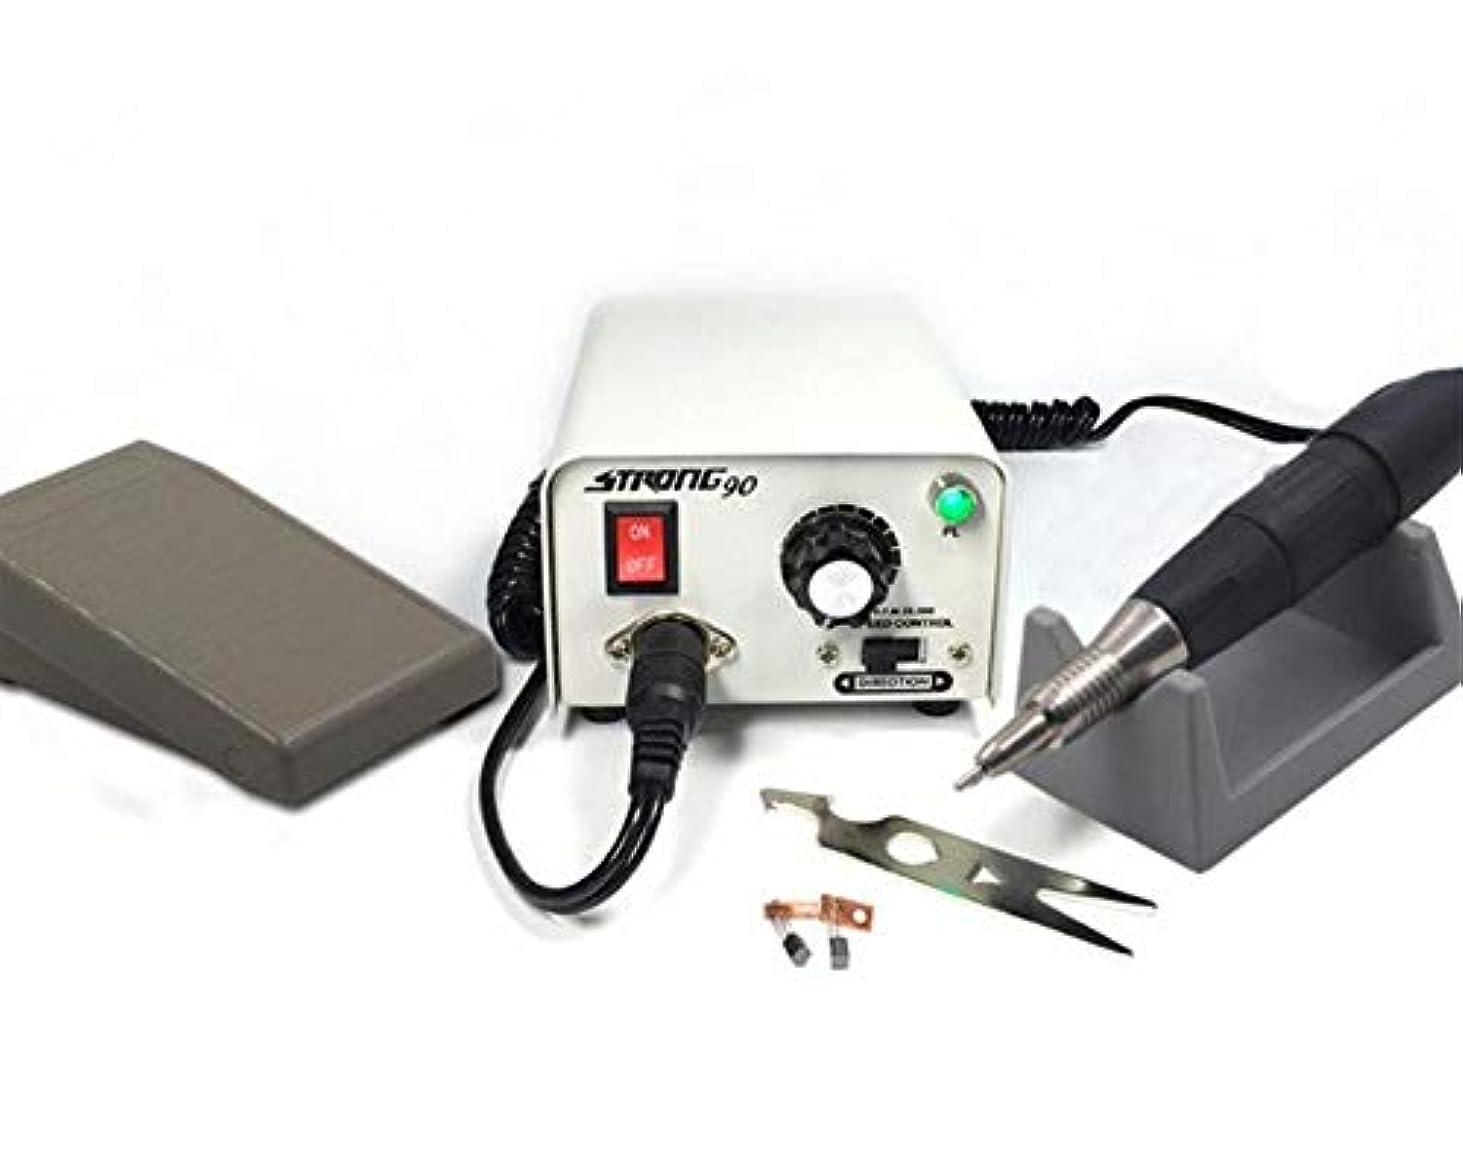 承認波公平電気ネイルドリル35000 rpmネイルアート彫刻機器マニキュアペディキュアマシンネイルファイルネイルポリッシャードリルビットアクセサリー